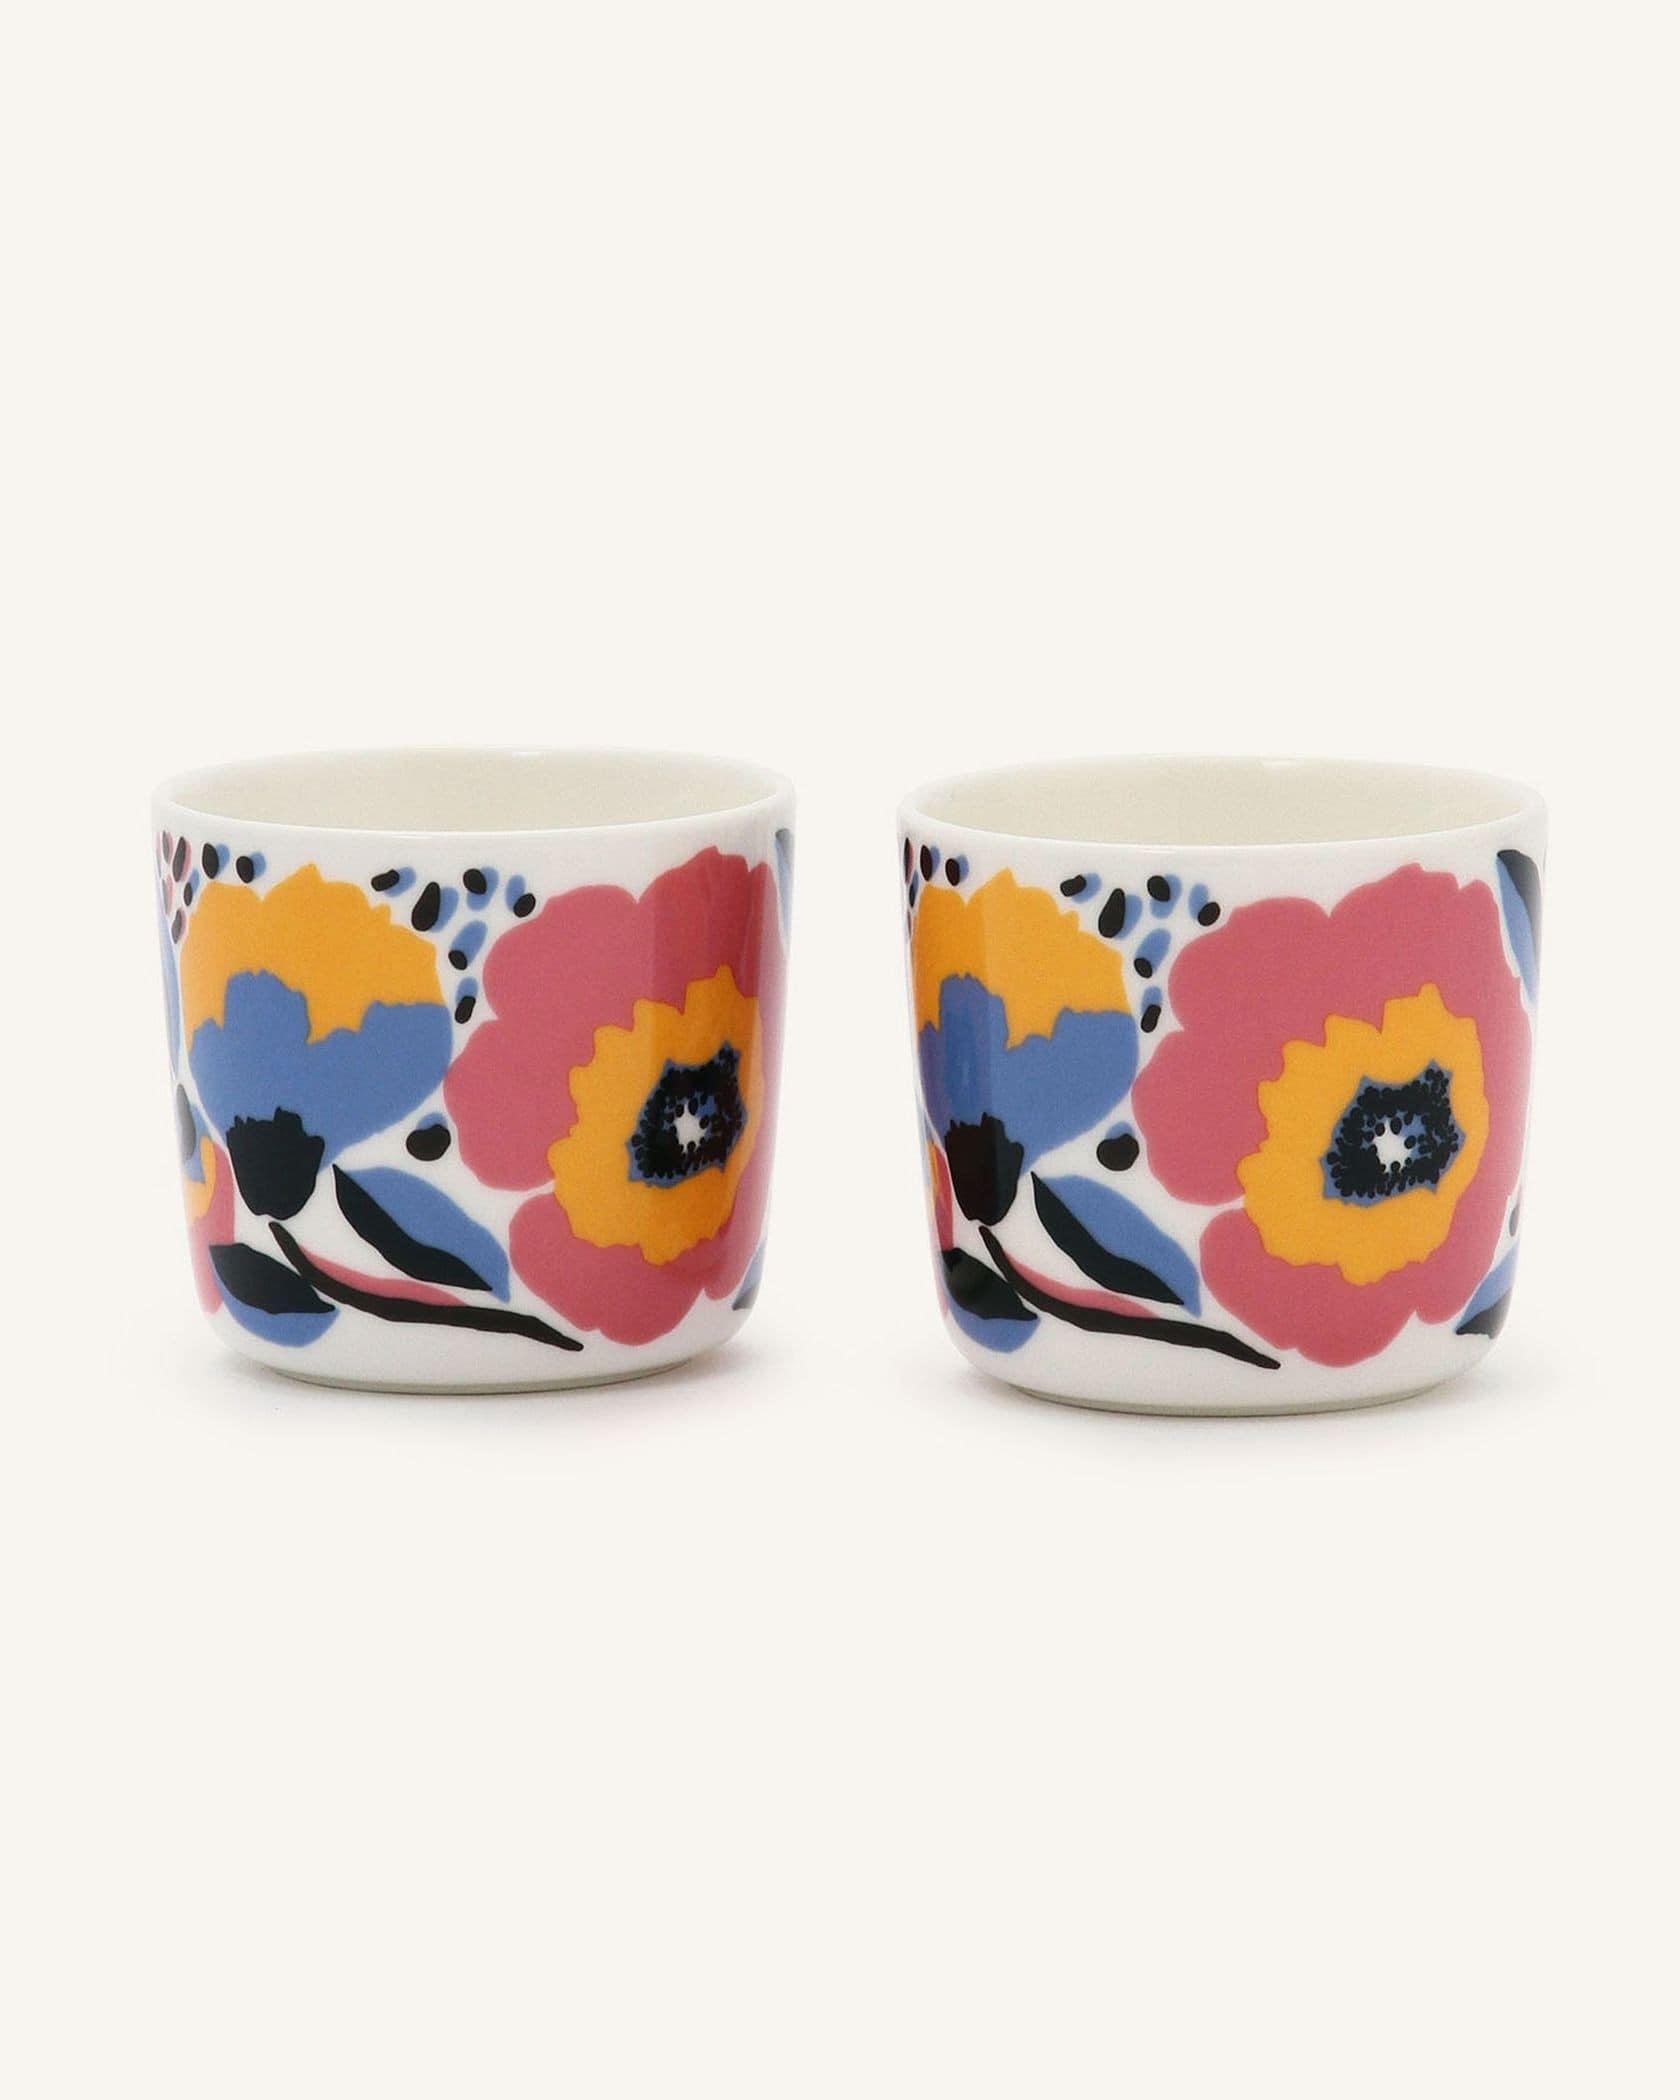 Rosarium  コーヒーカップセット(ハンドルなし)